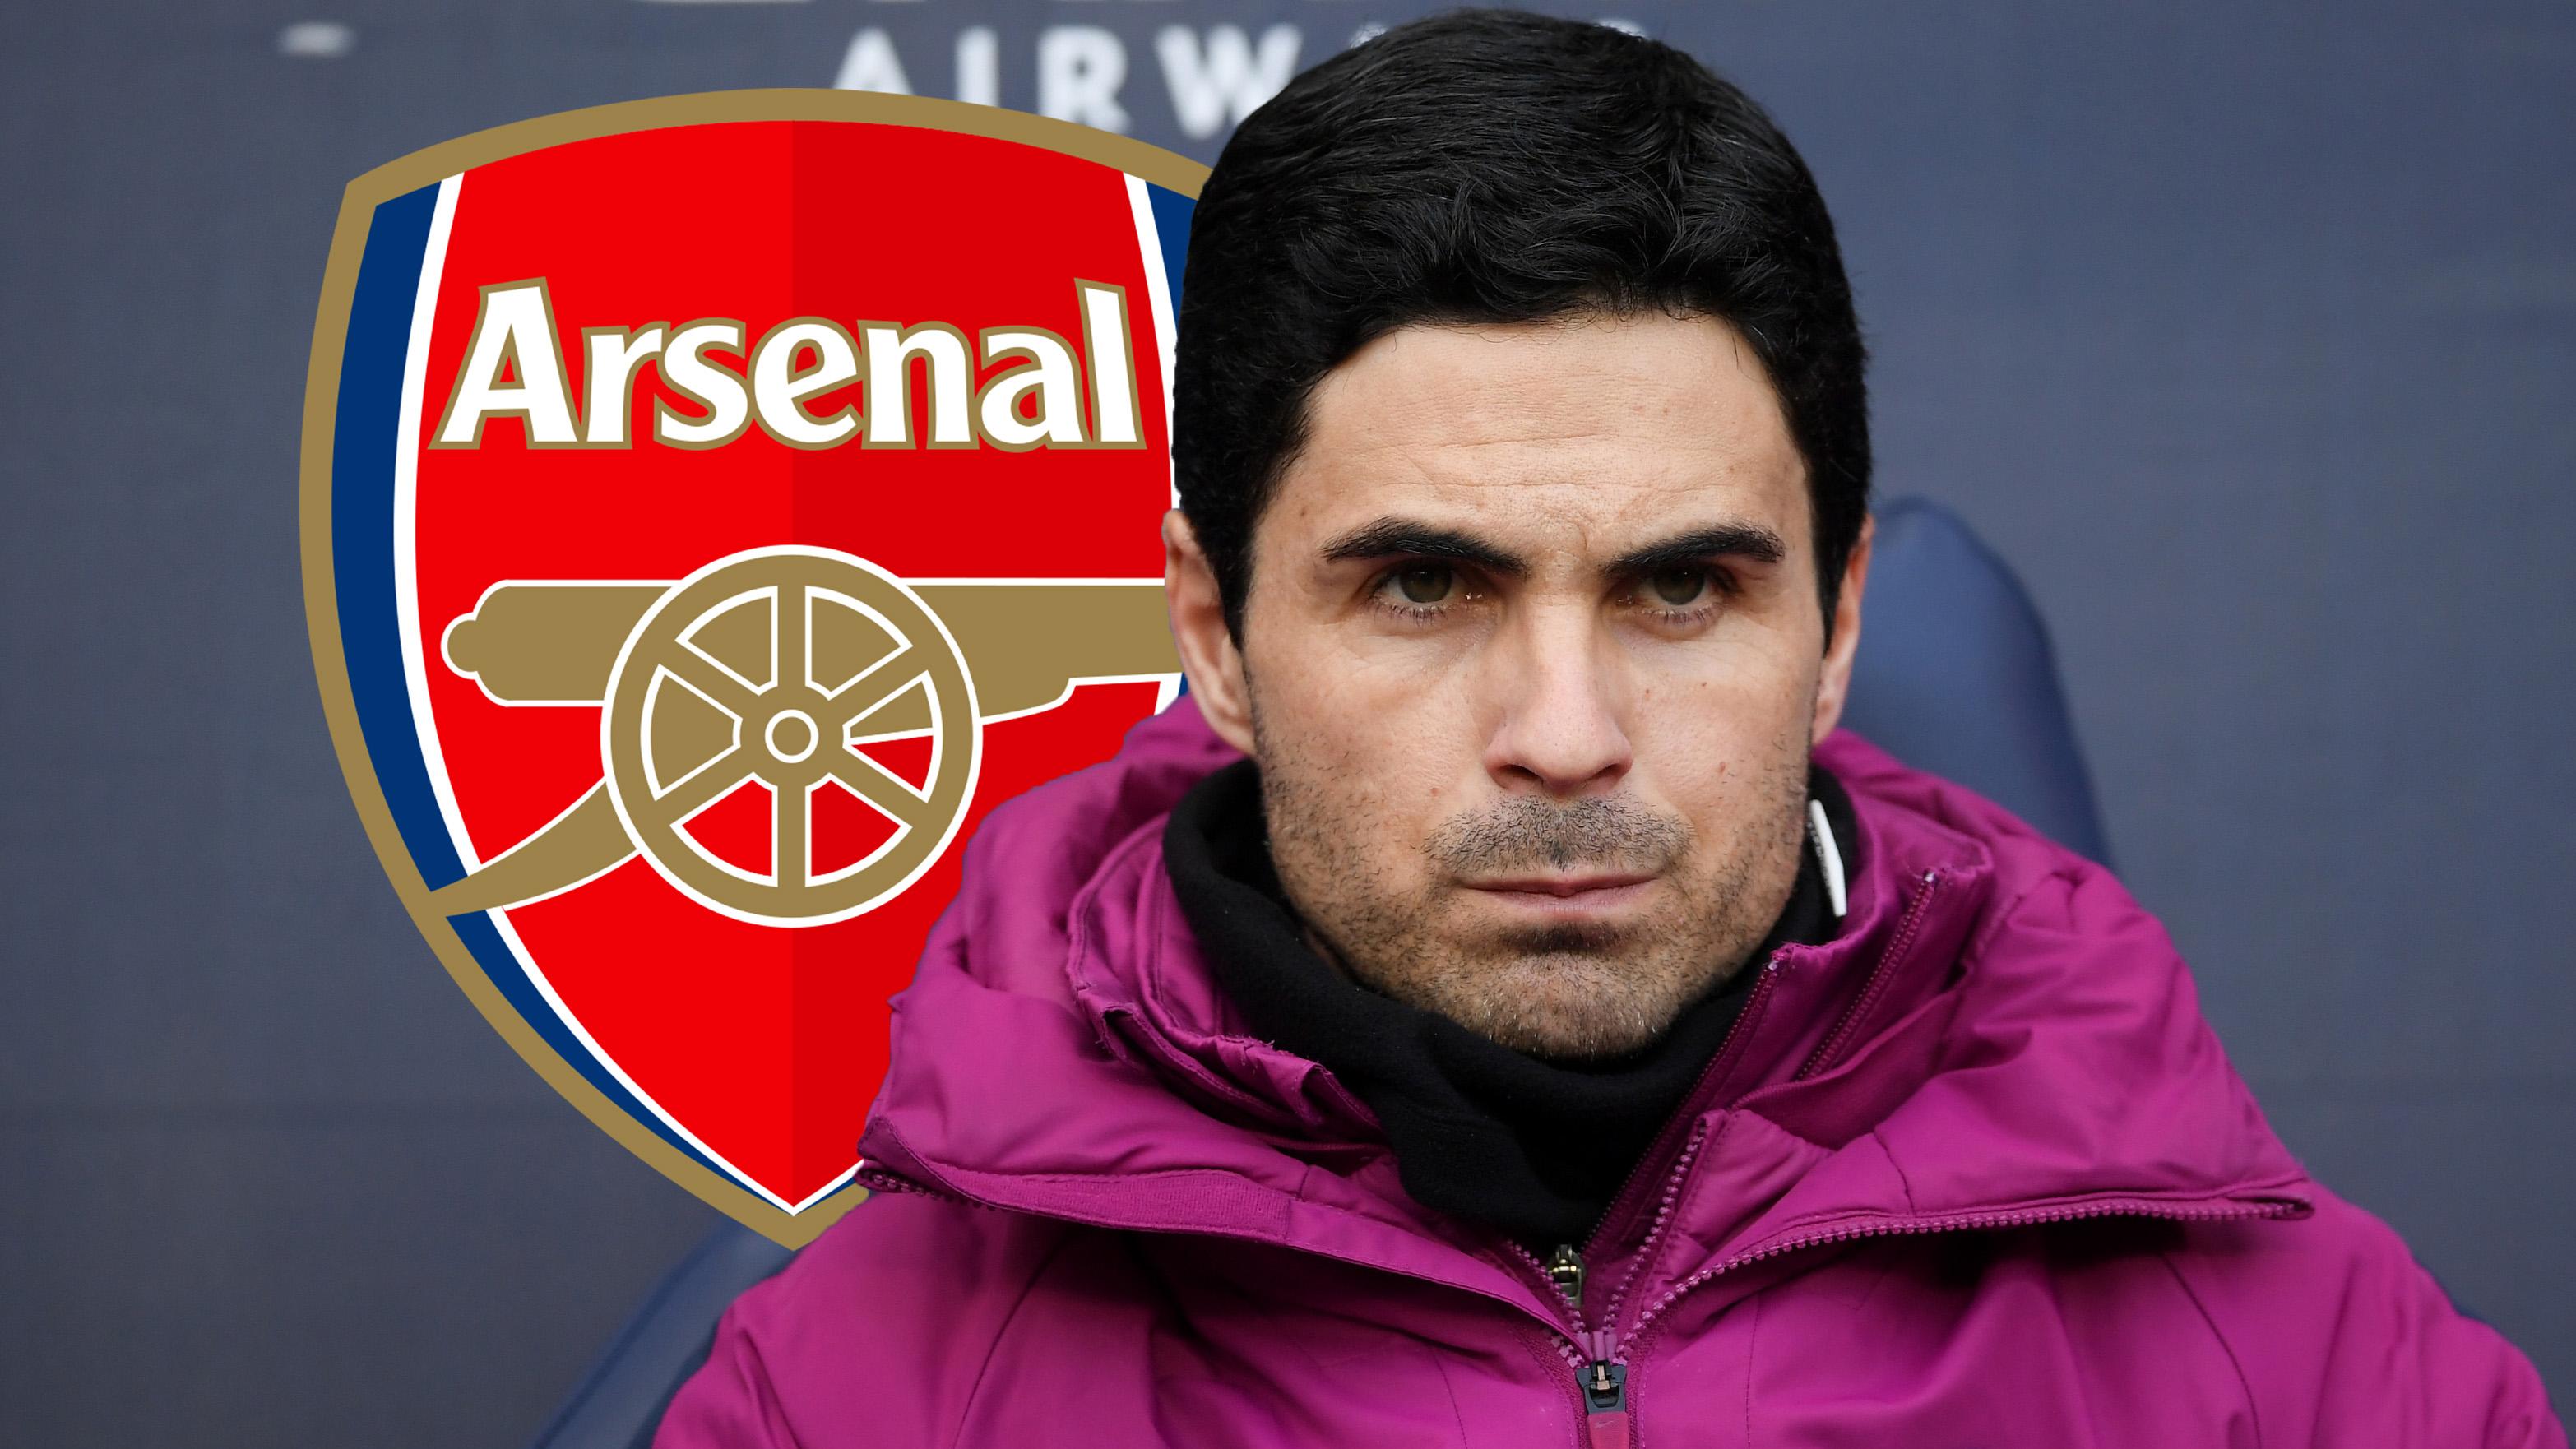 NÓNG: Mikel Arteta đồng ý dẫn dắt Arsenal - Bóng Đá